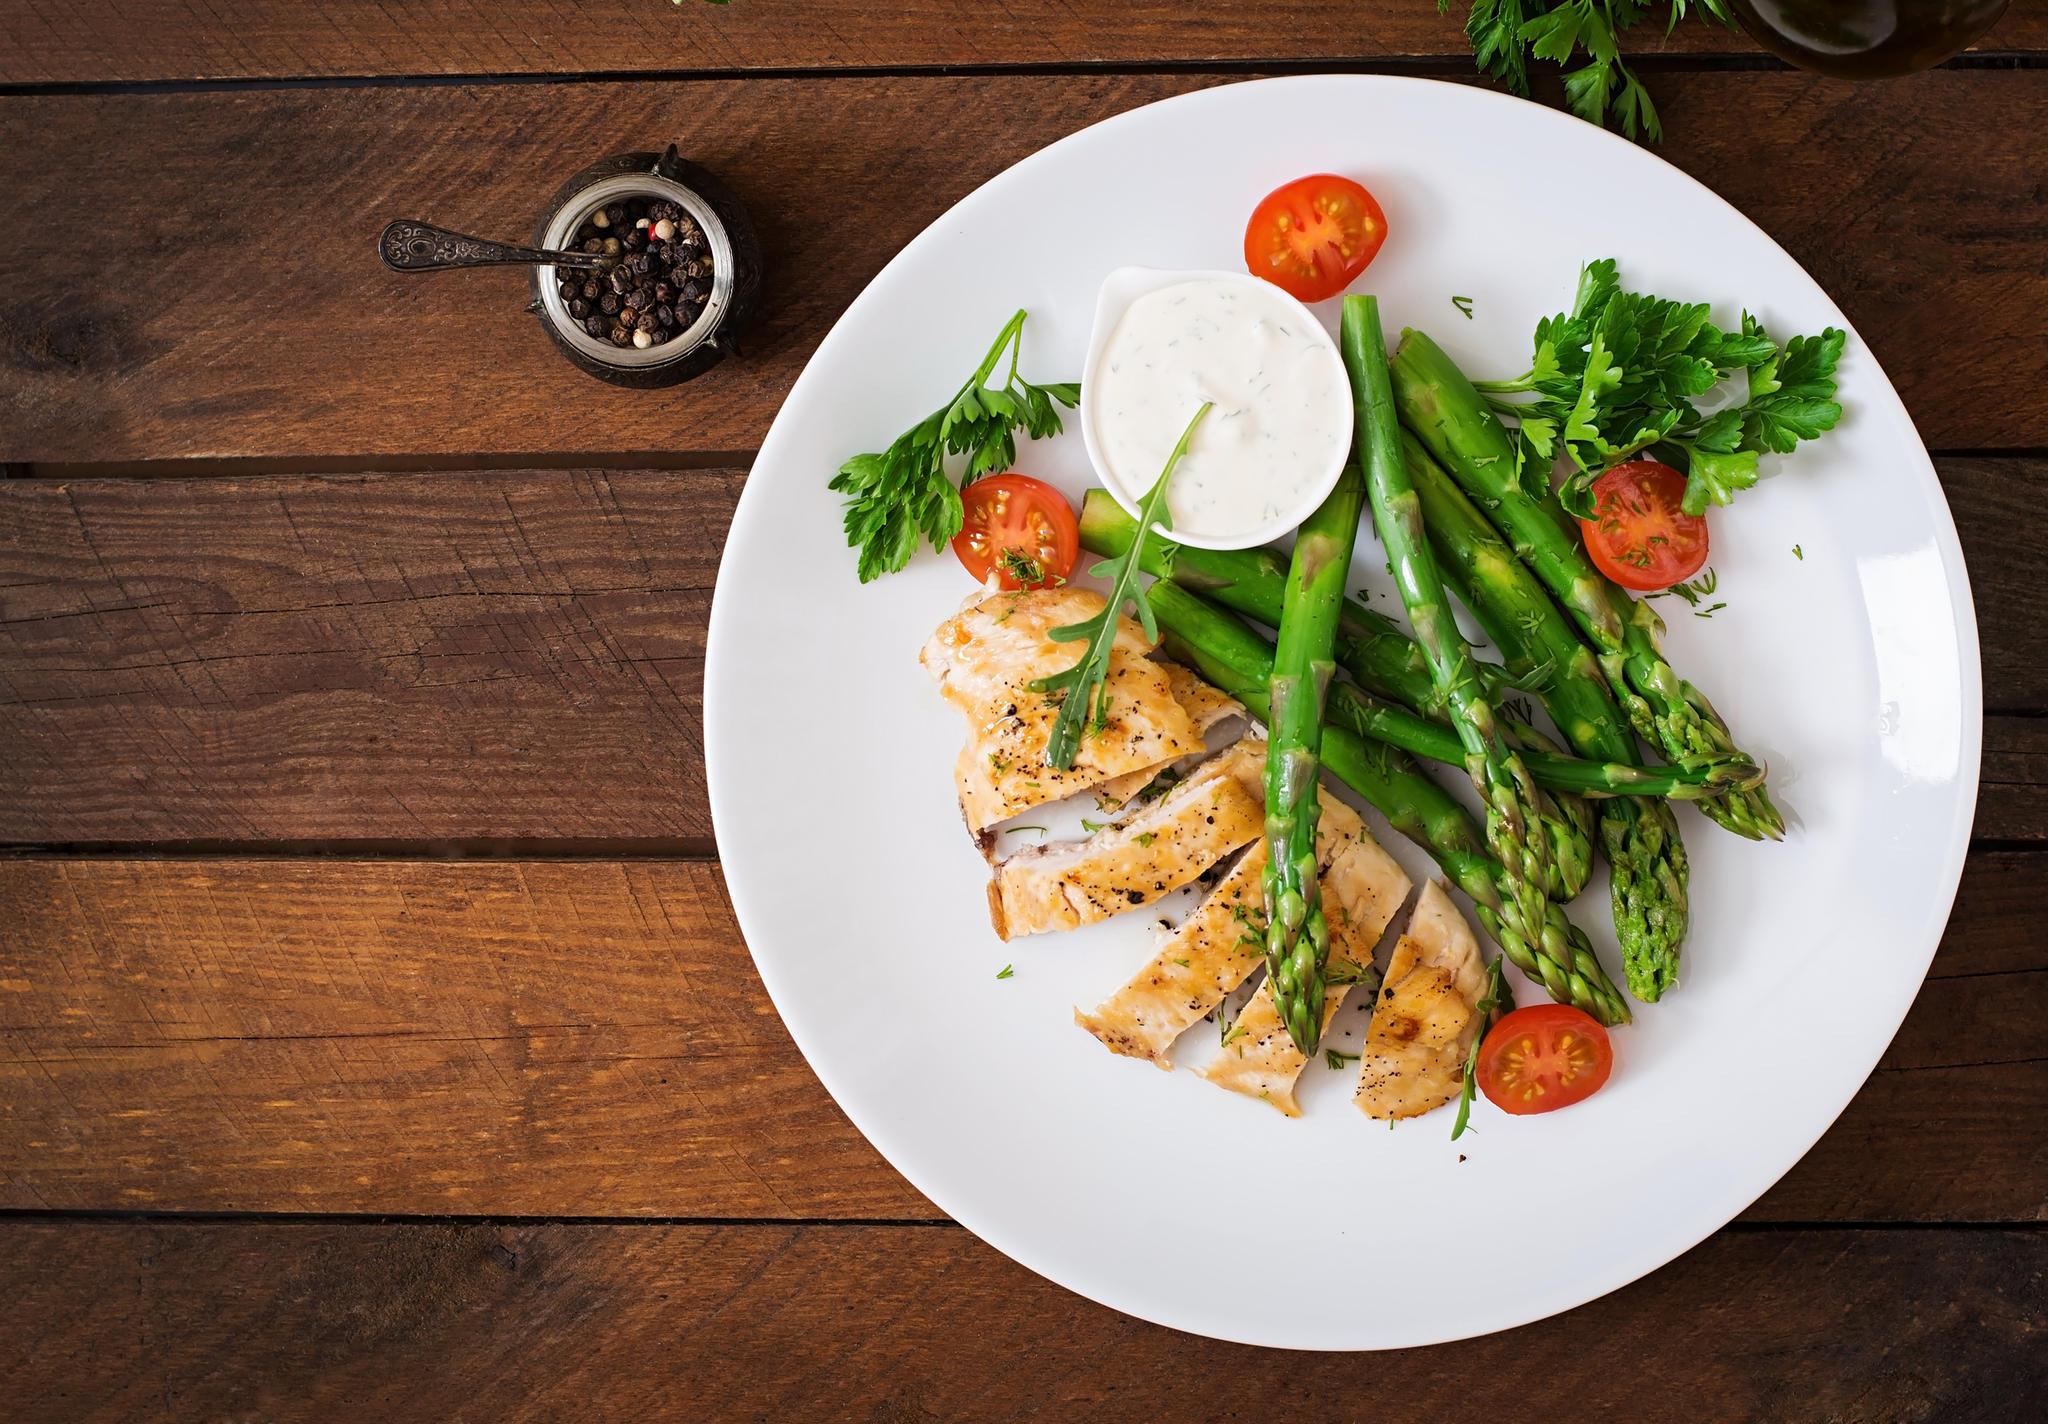 Poulet croustillant aux tomates et aux asperges une idée de recette super facile